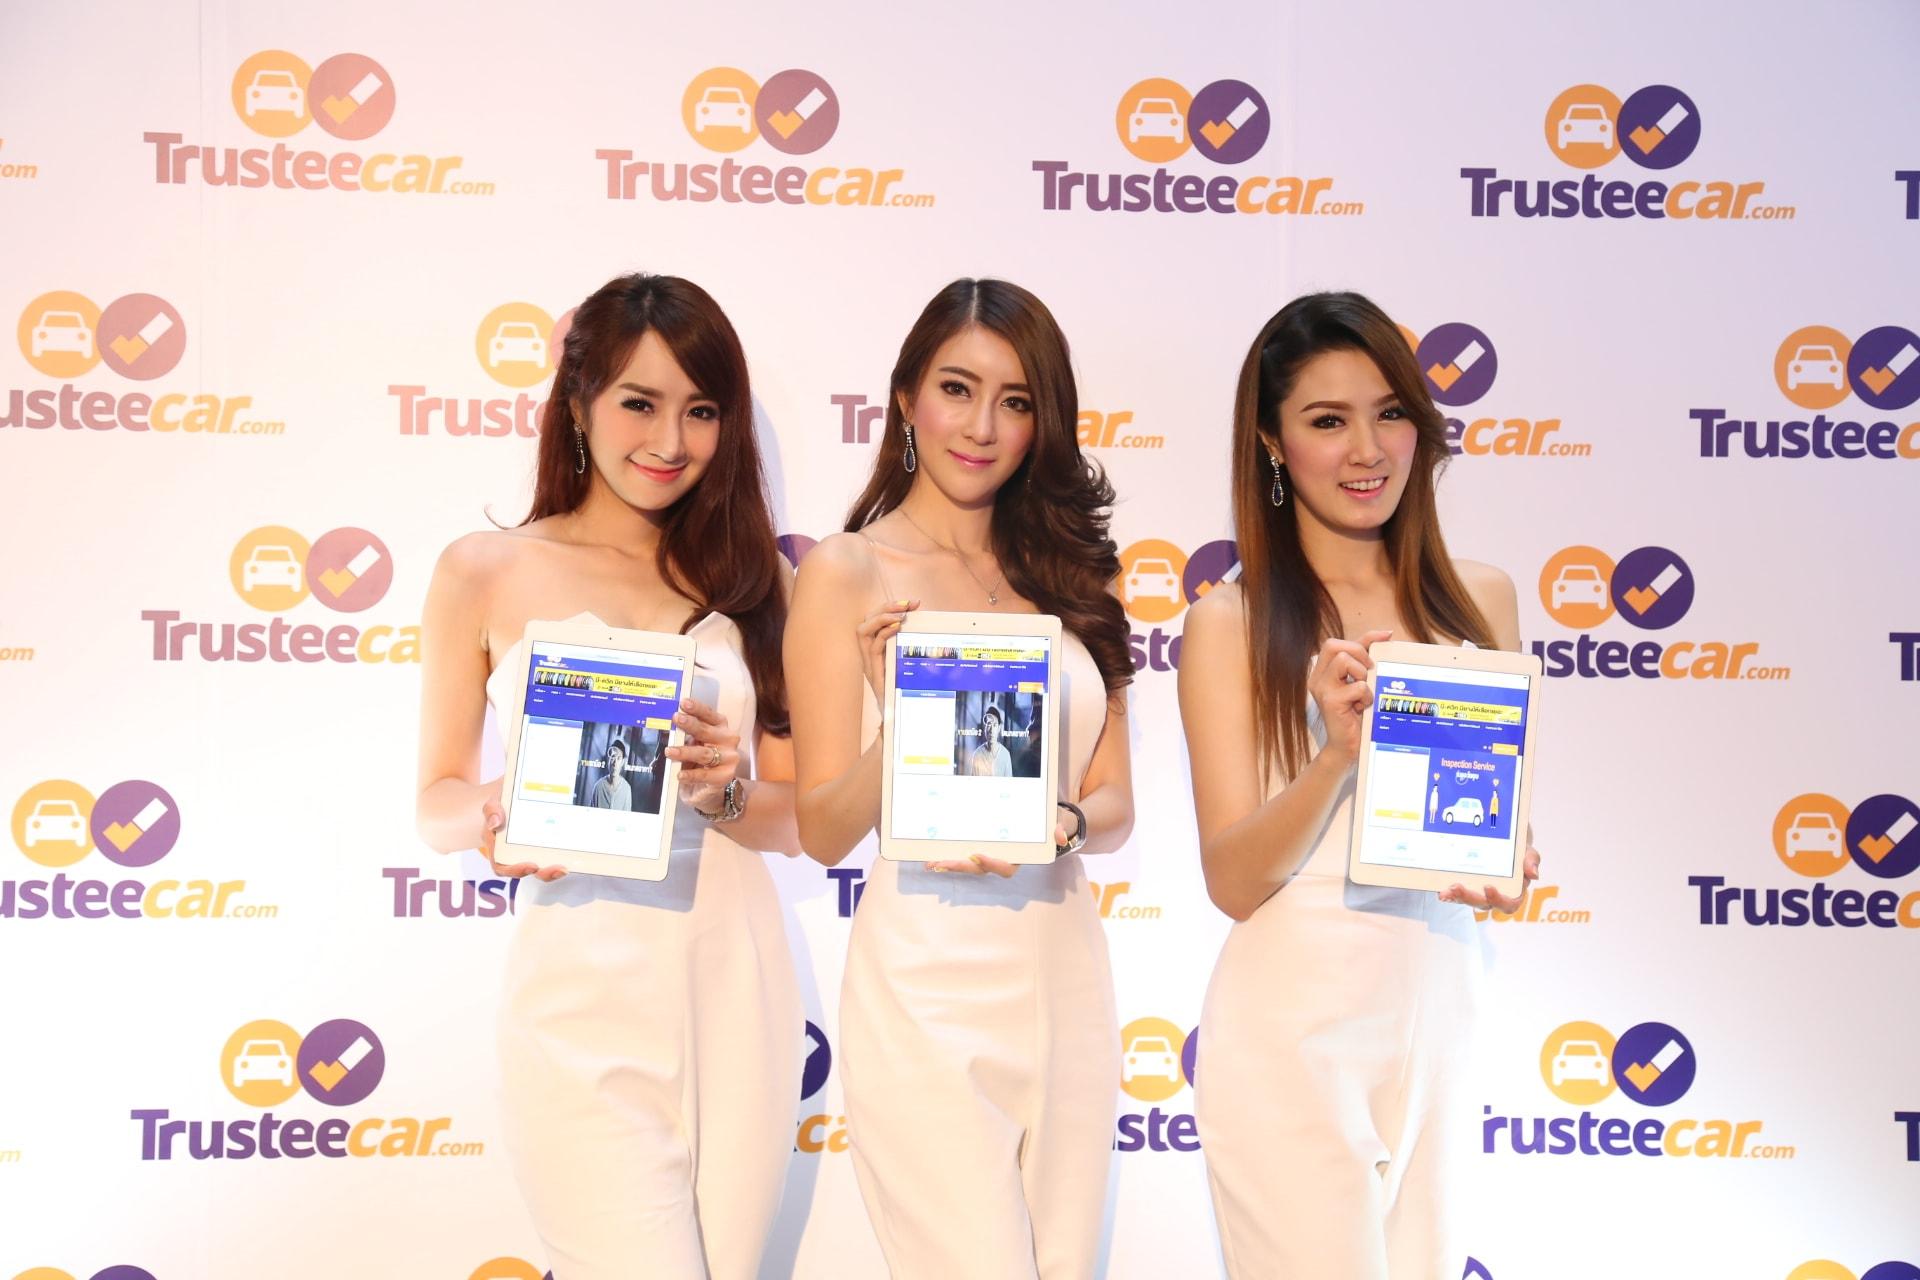 Trusteecar2